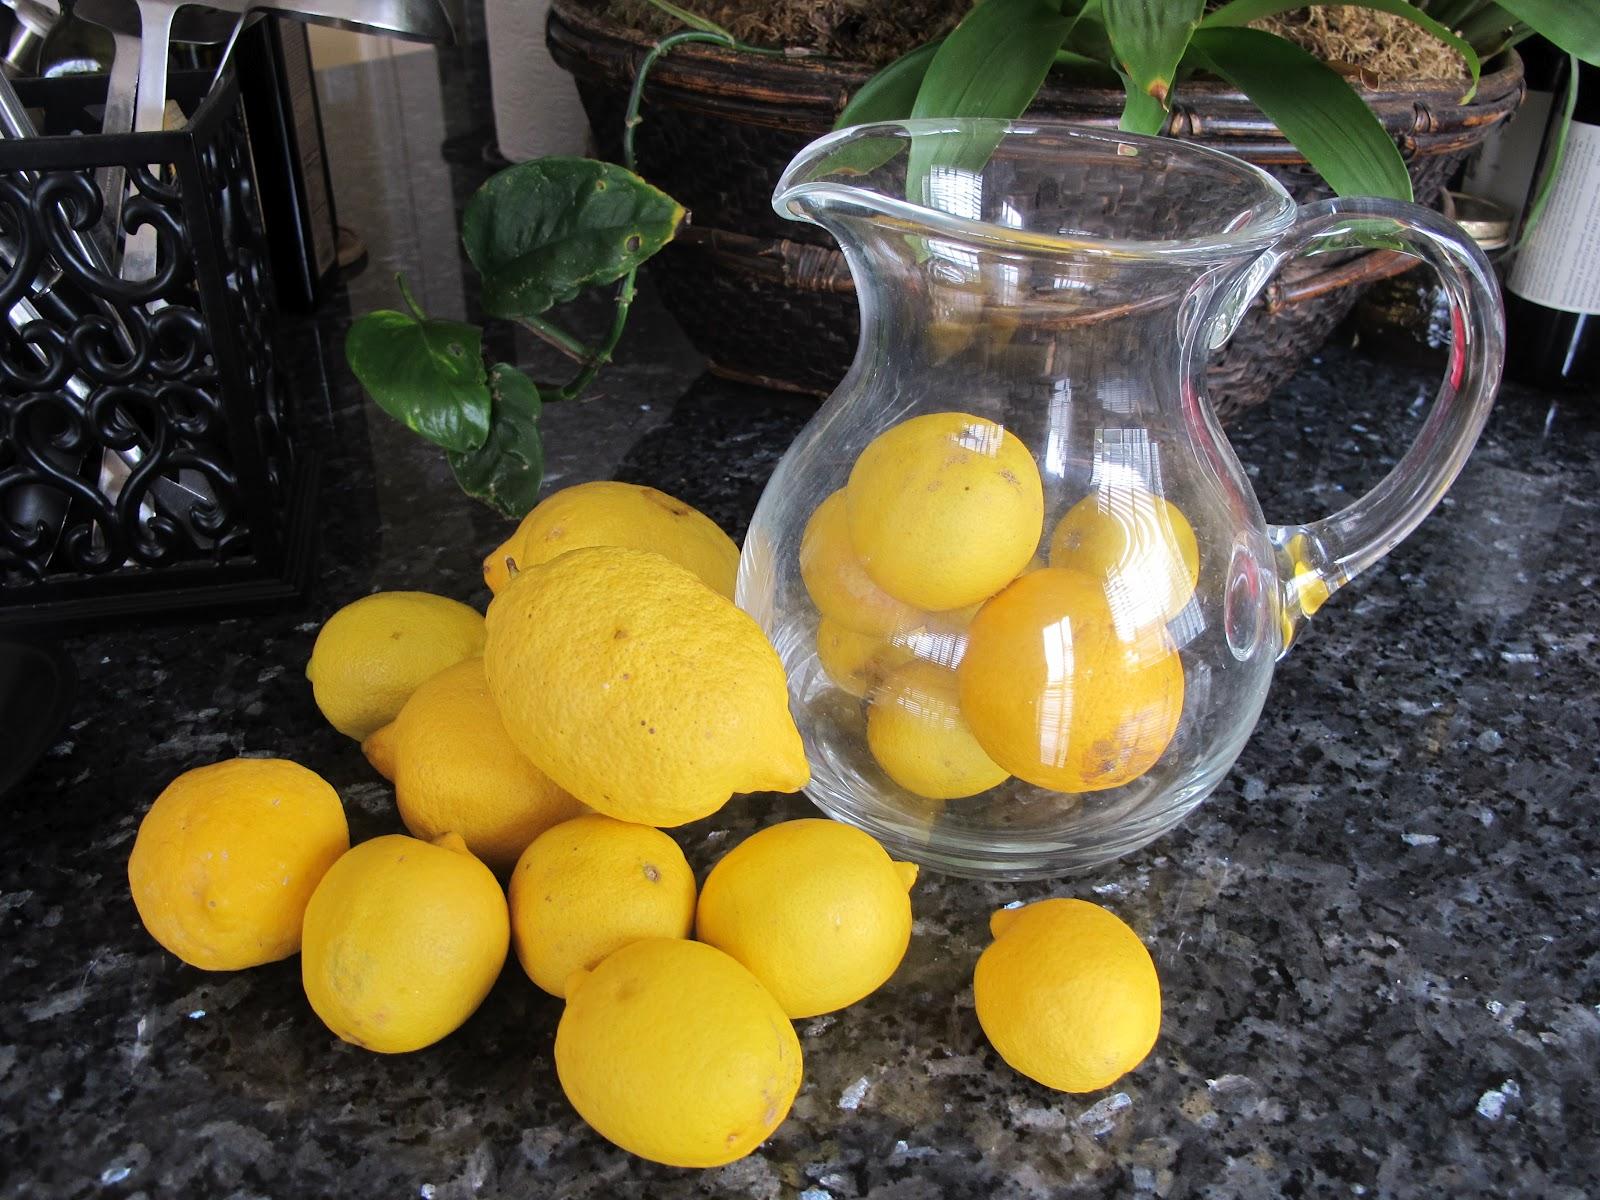 ... best lemonade ever the best ever lemonade recipe best lemonade ever